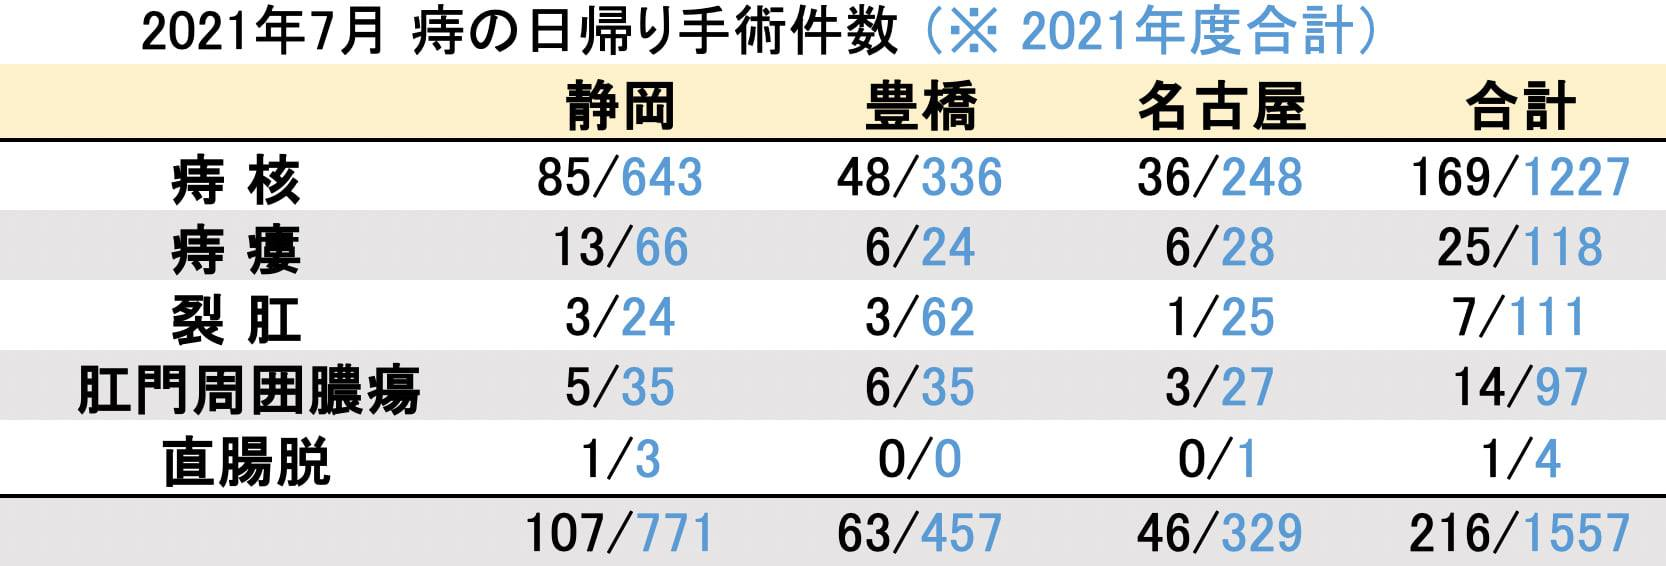 マイクリニック大久保2021年7月の痔の日帰り手術件数